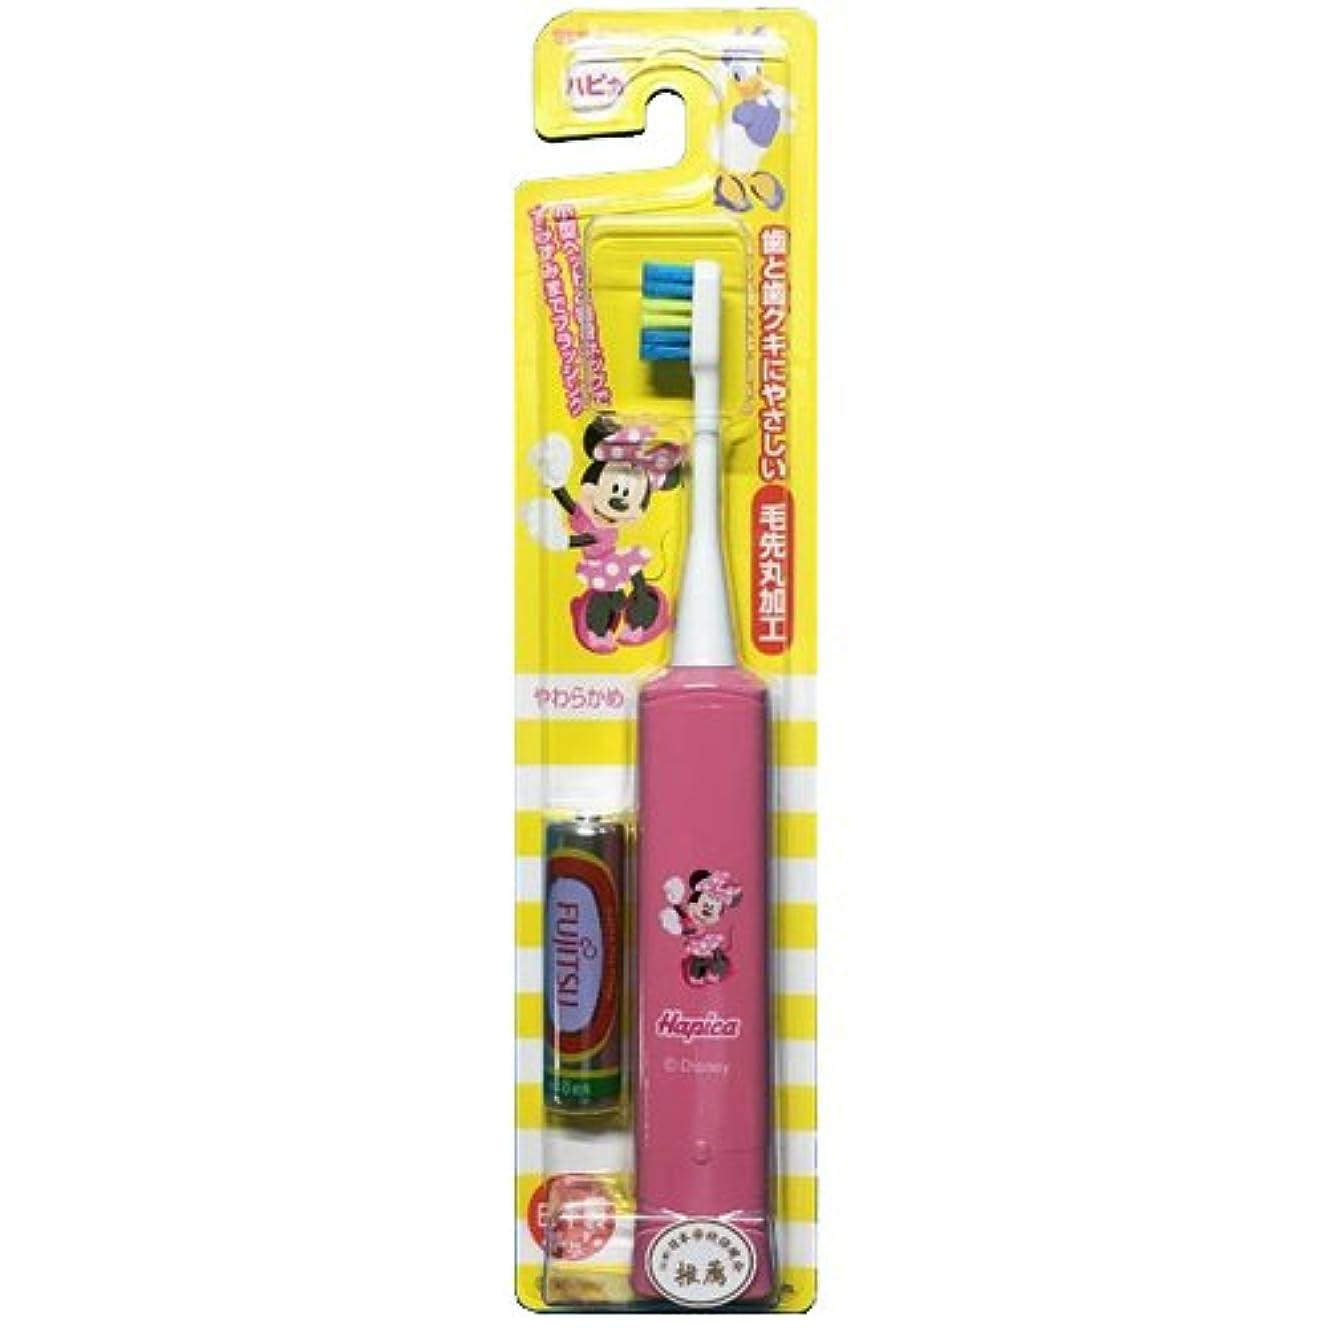 セッション時間コピーミニマム 電動付歯ブラシ こどもハピカ ミニー(ピンク) 毛の硬さ:やわらかめ DBK-5P(MK)